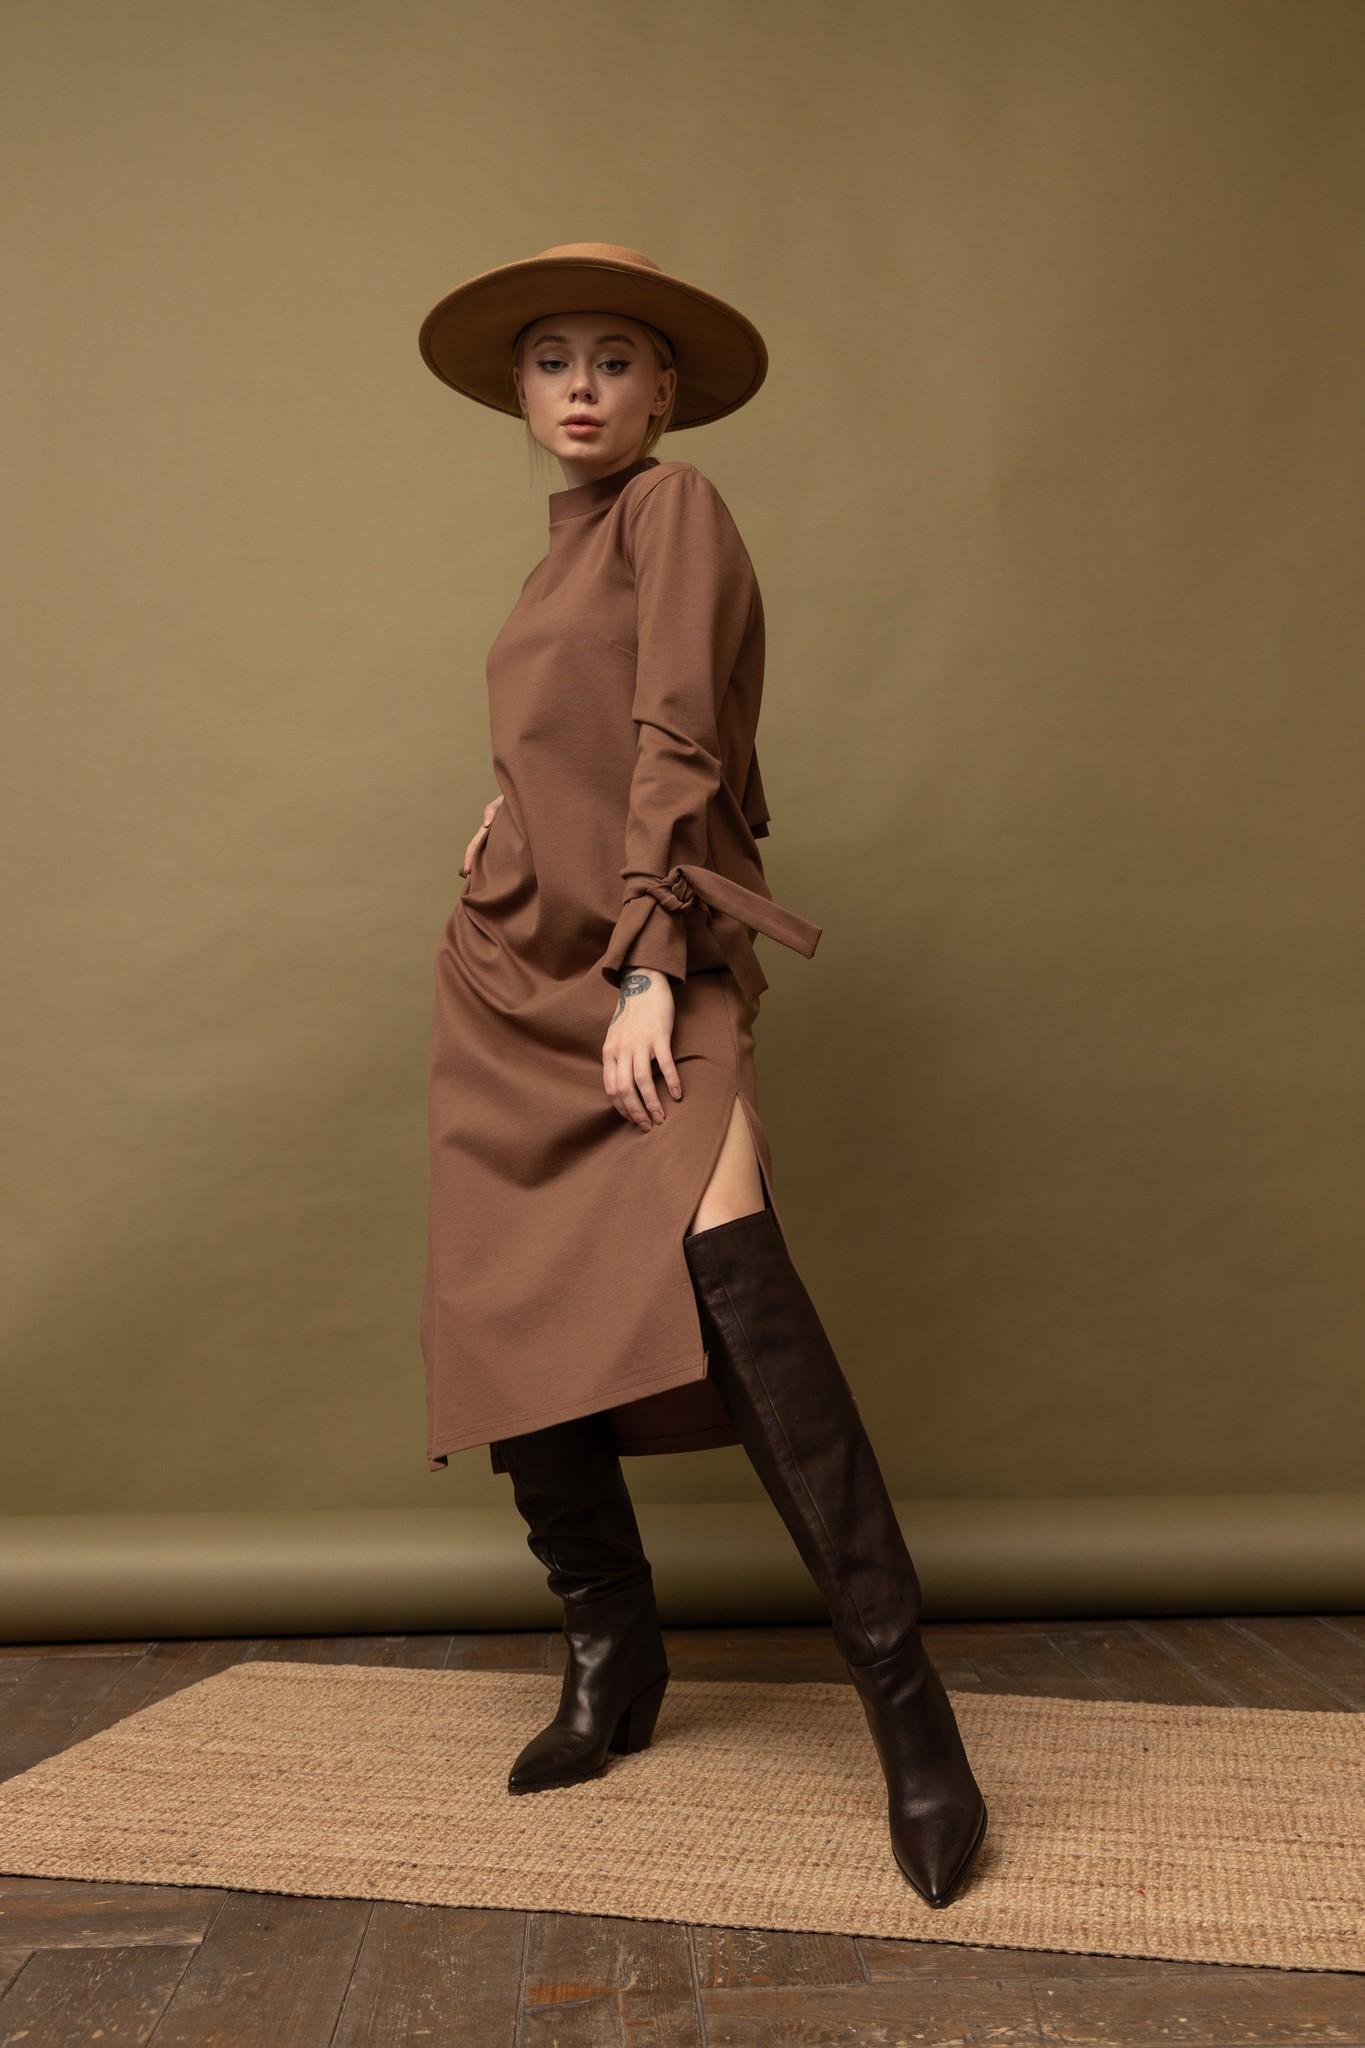 Платье прямой силуэт с декоративными элементами в виде завязок